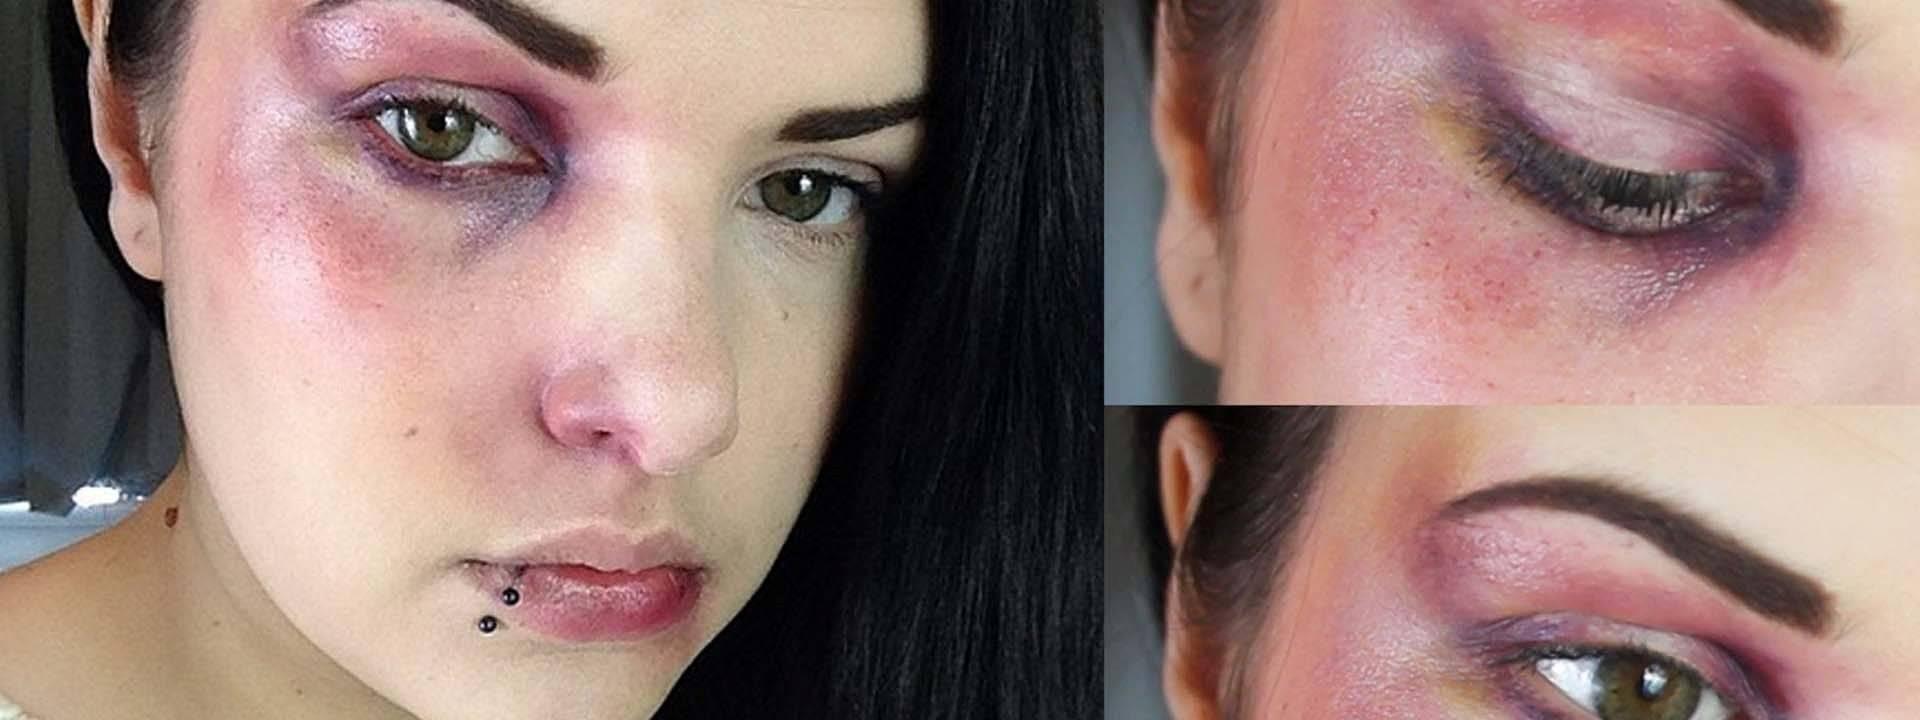 Как убрать гематому на лице – лечение и способы быстрого избавления